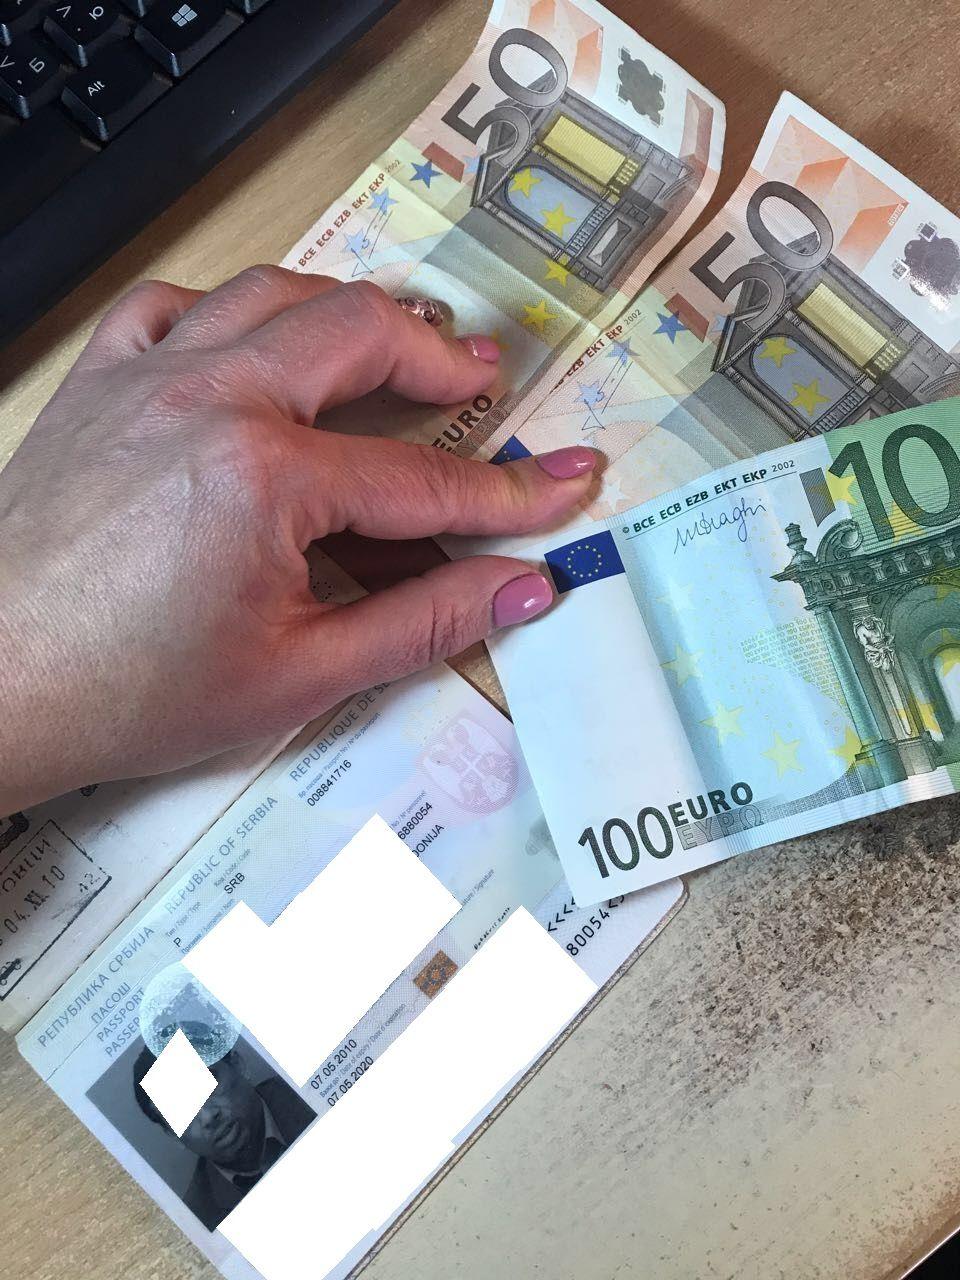 Серб хотел дать пограничникам 200 евро / фото dpsu.gov.ua